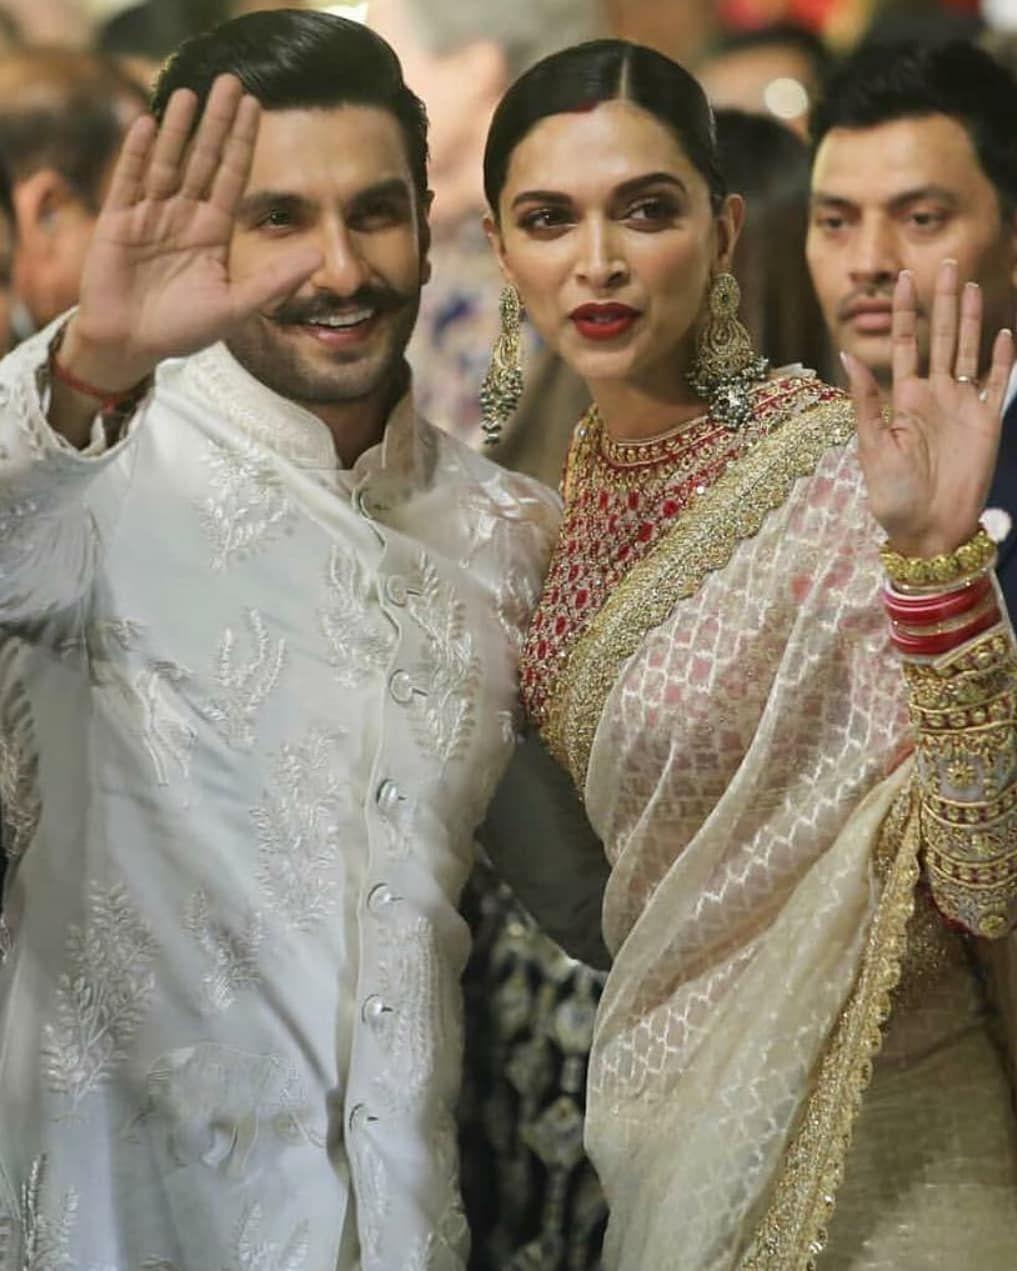 Dec 12 2018 Weddingz In Deepikapadukone And Ranveersingh Be Giving Some Major Couple Goals Deepika Padukone Saree Deepika Padukone Style Bollywood Wedding